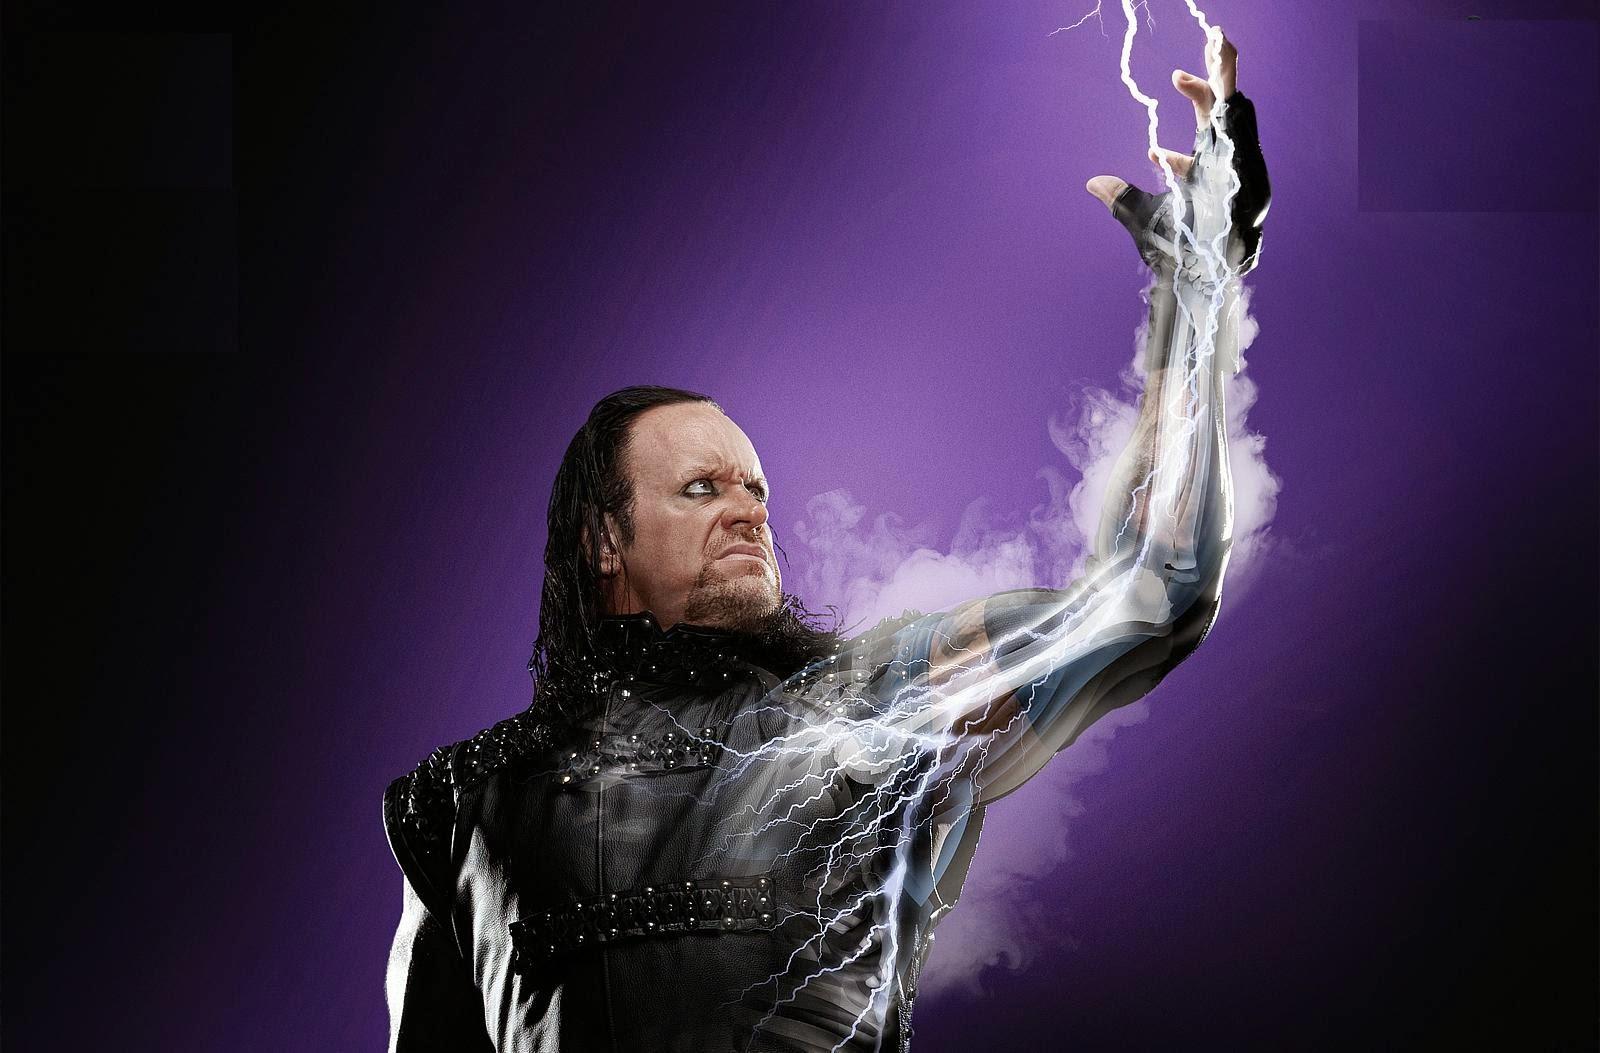 Undertaker Hd Wallpapers Download WWE HD WALLPAPER 1600x1053